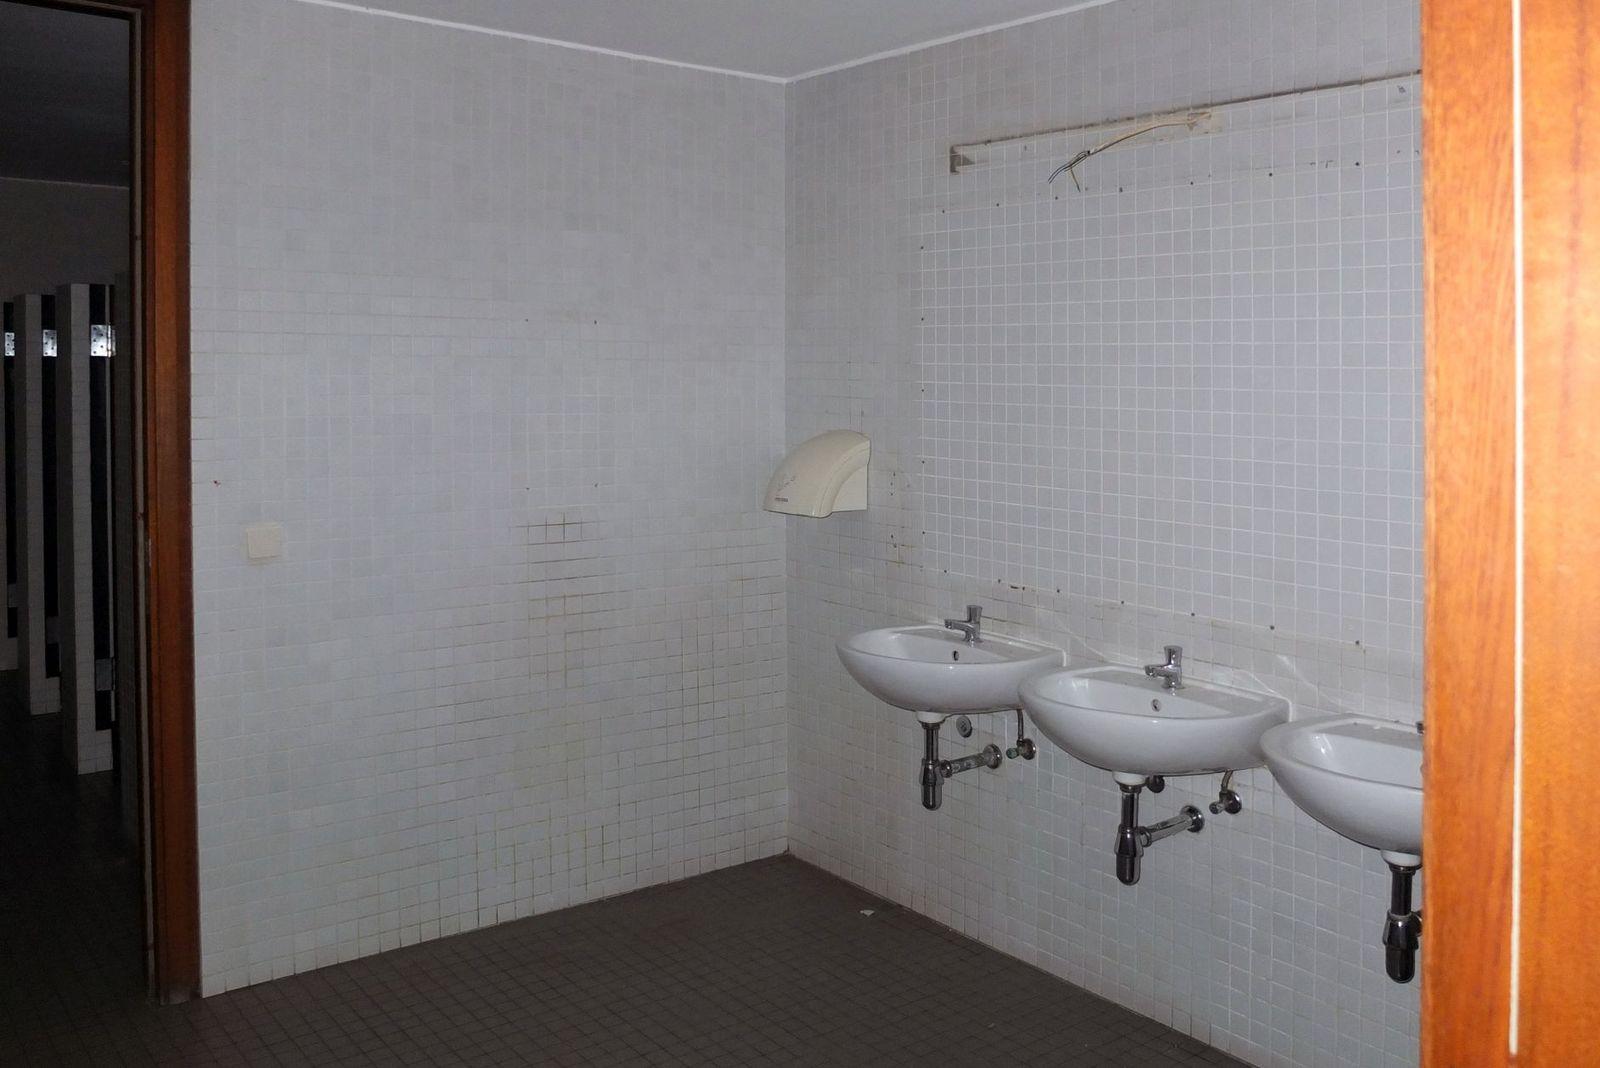 Waschbecken in der Besuchertoilette. Foto: schmedding.vonmarlin.